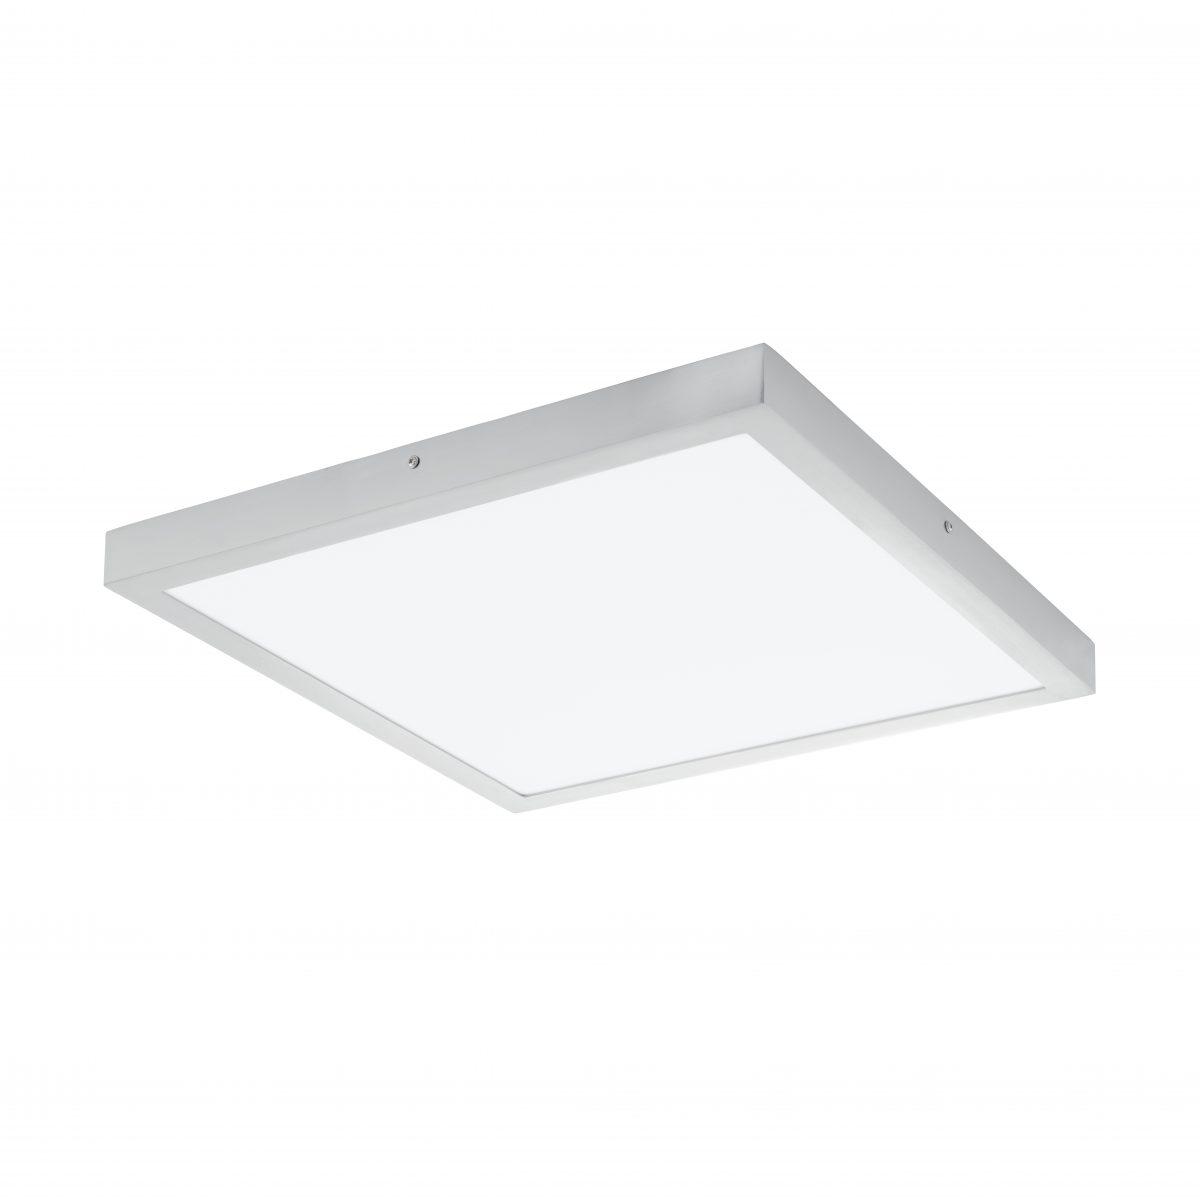 Светильник настенно-потолочный FUEVA 1 EGLO 97278 - Фото №28